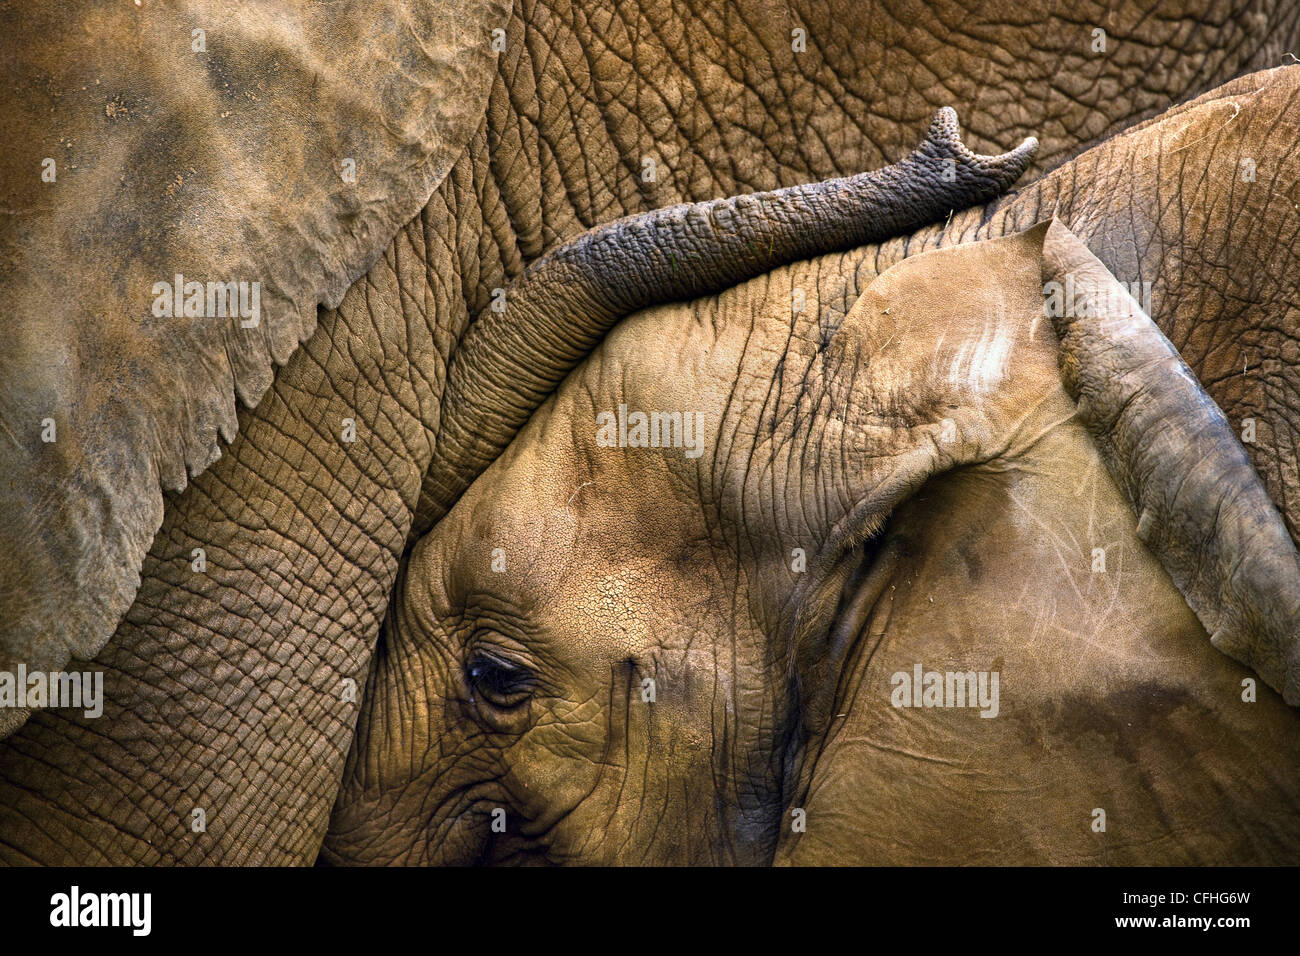 Les jeunes avec la mère de l'eléphant d'Afrique, l'Espagne, de Cabarceno Photo Stock